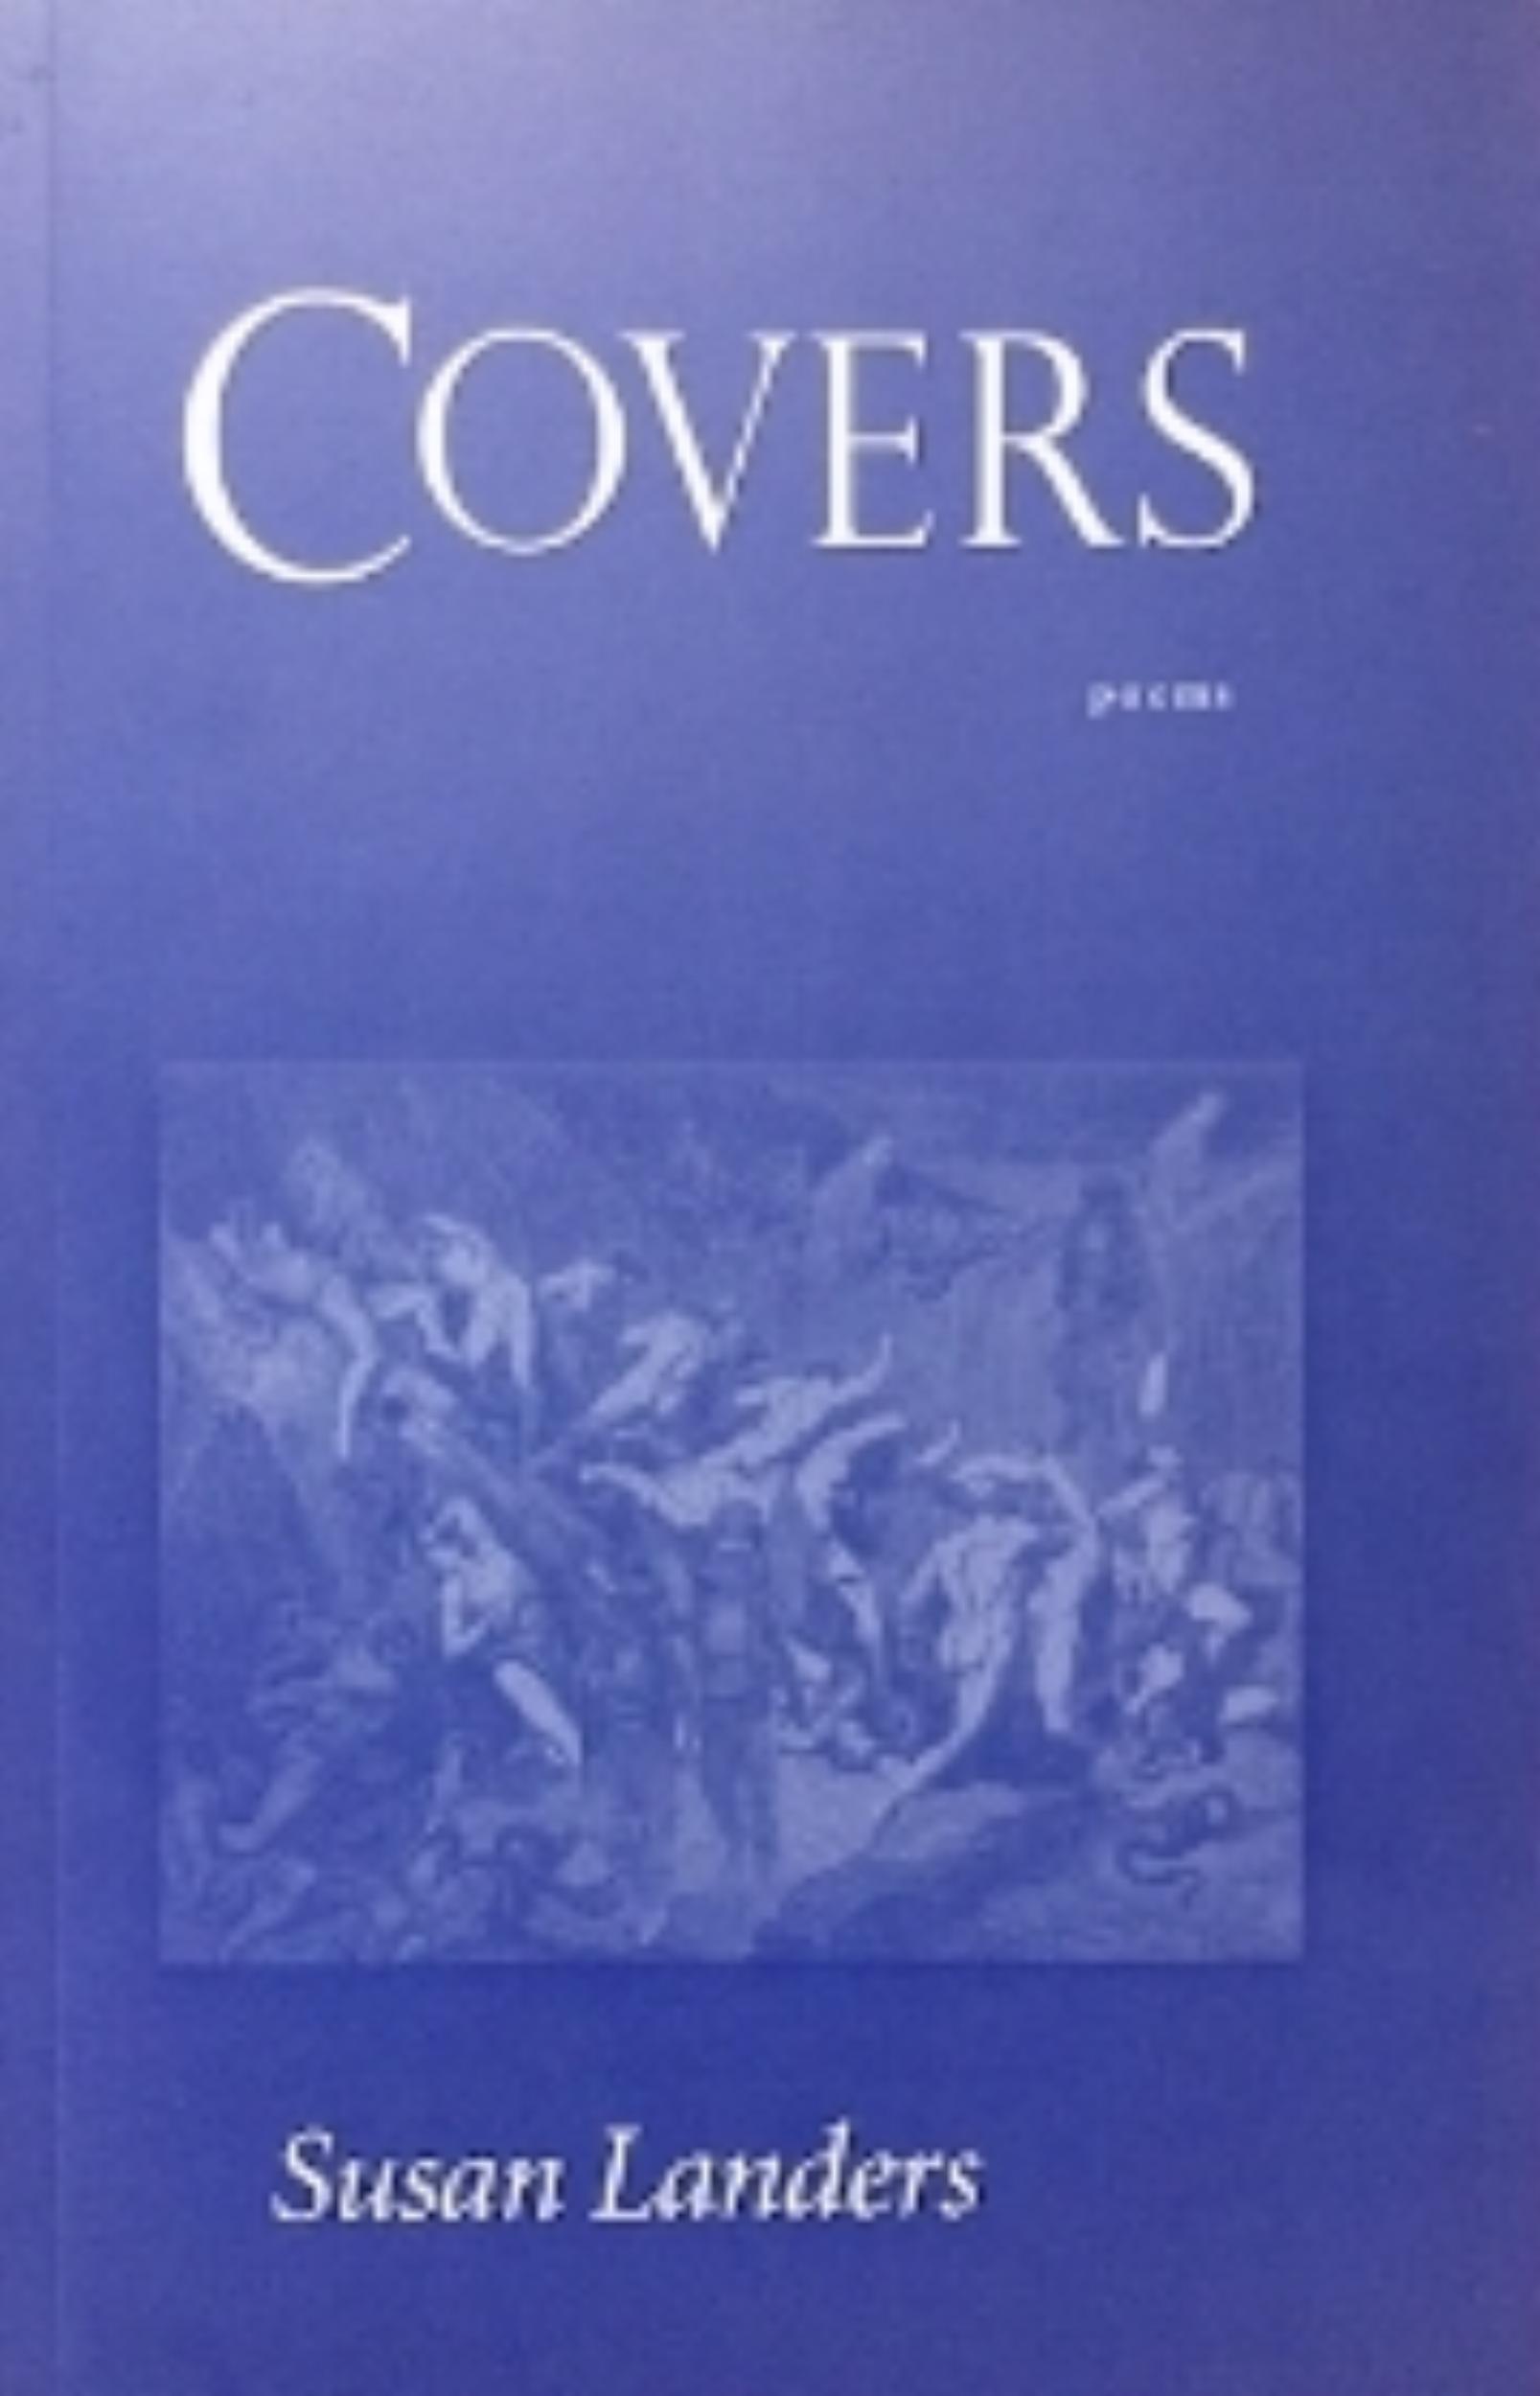 Susan-Landers-Covers.jpg